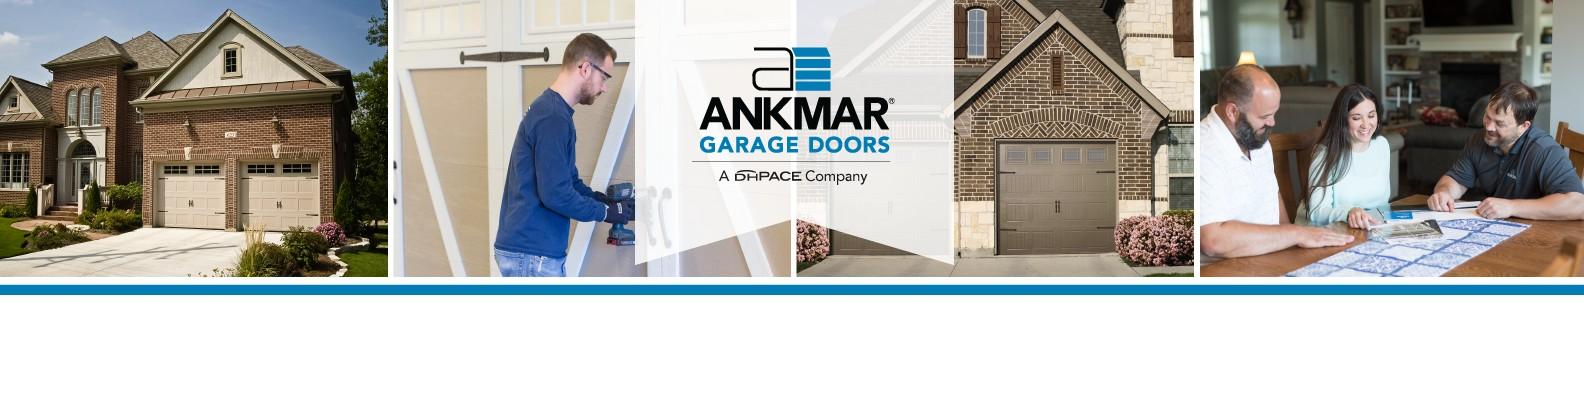 Ankmar Garage Doors Linkedin